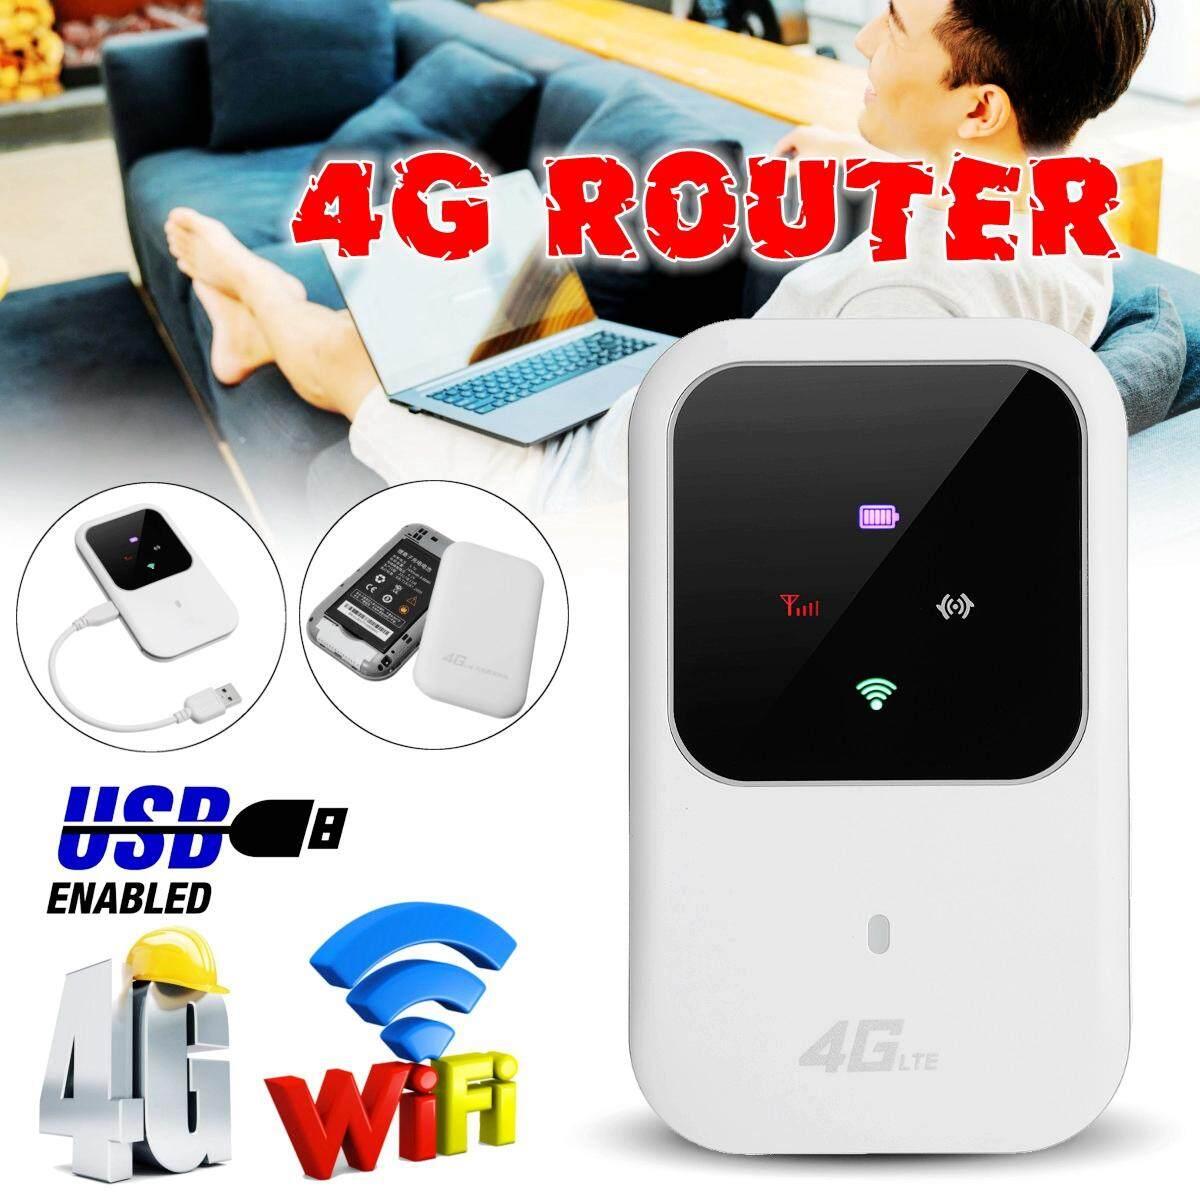 Portatile 4g Router Lte Wireless Car Mobile Wifi Hotspot Sim Card Slot Batteria By Audew.